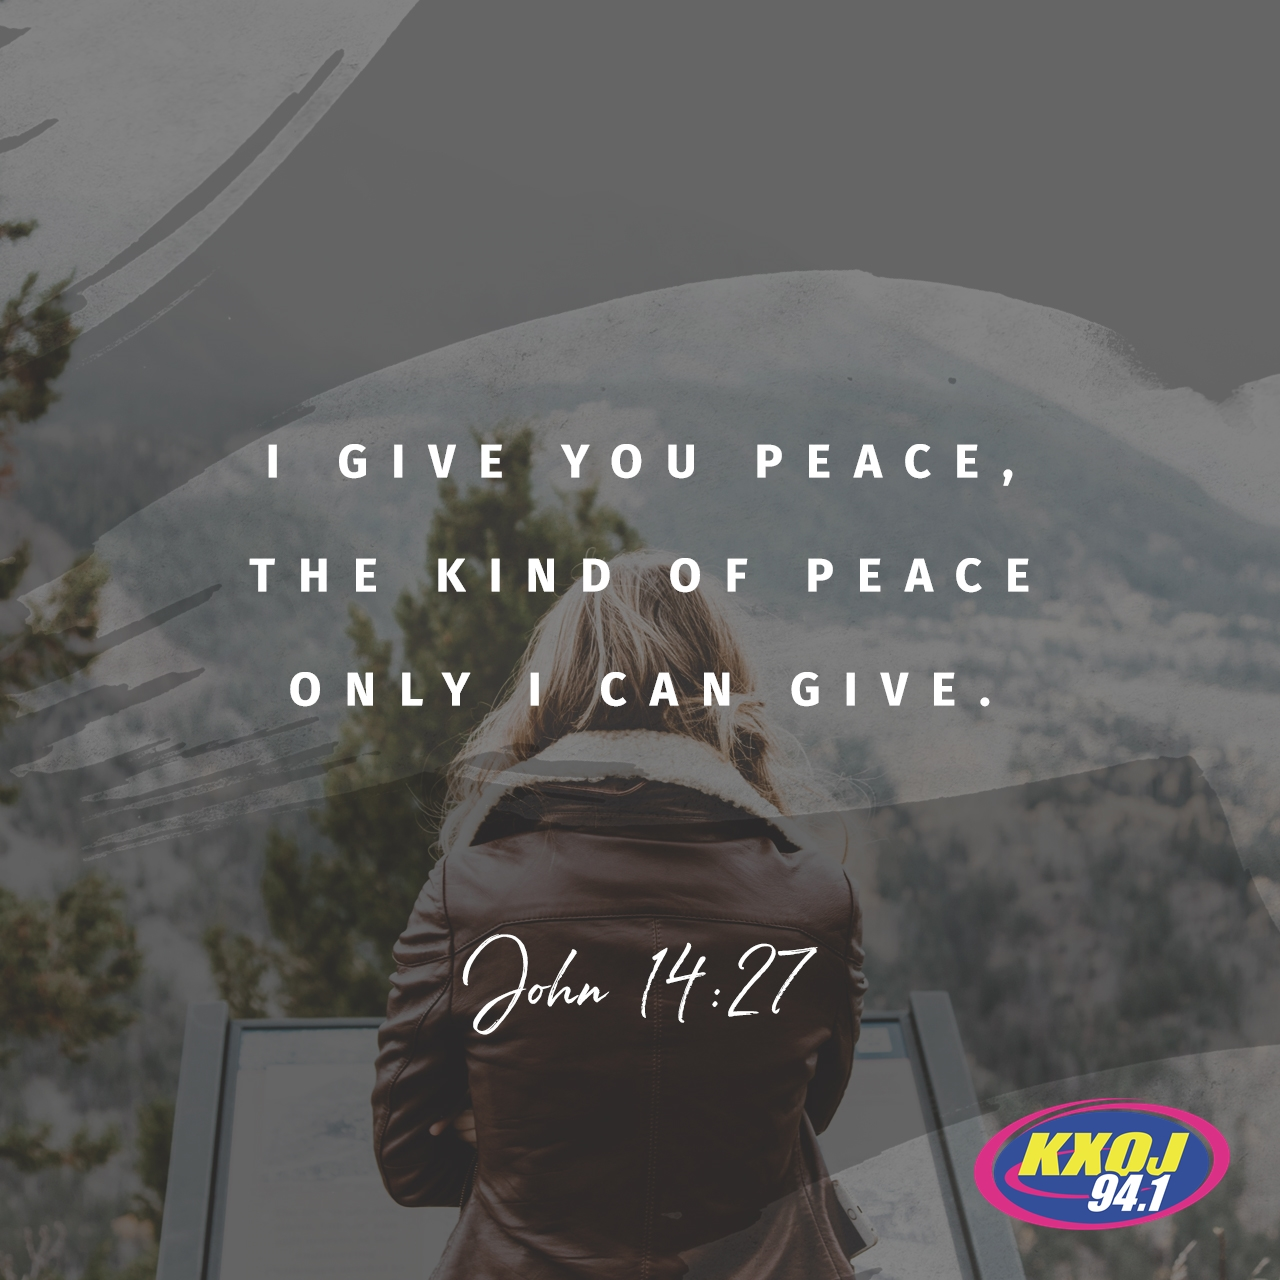 August 7th - John 14:27